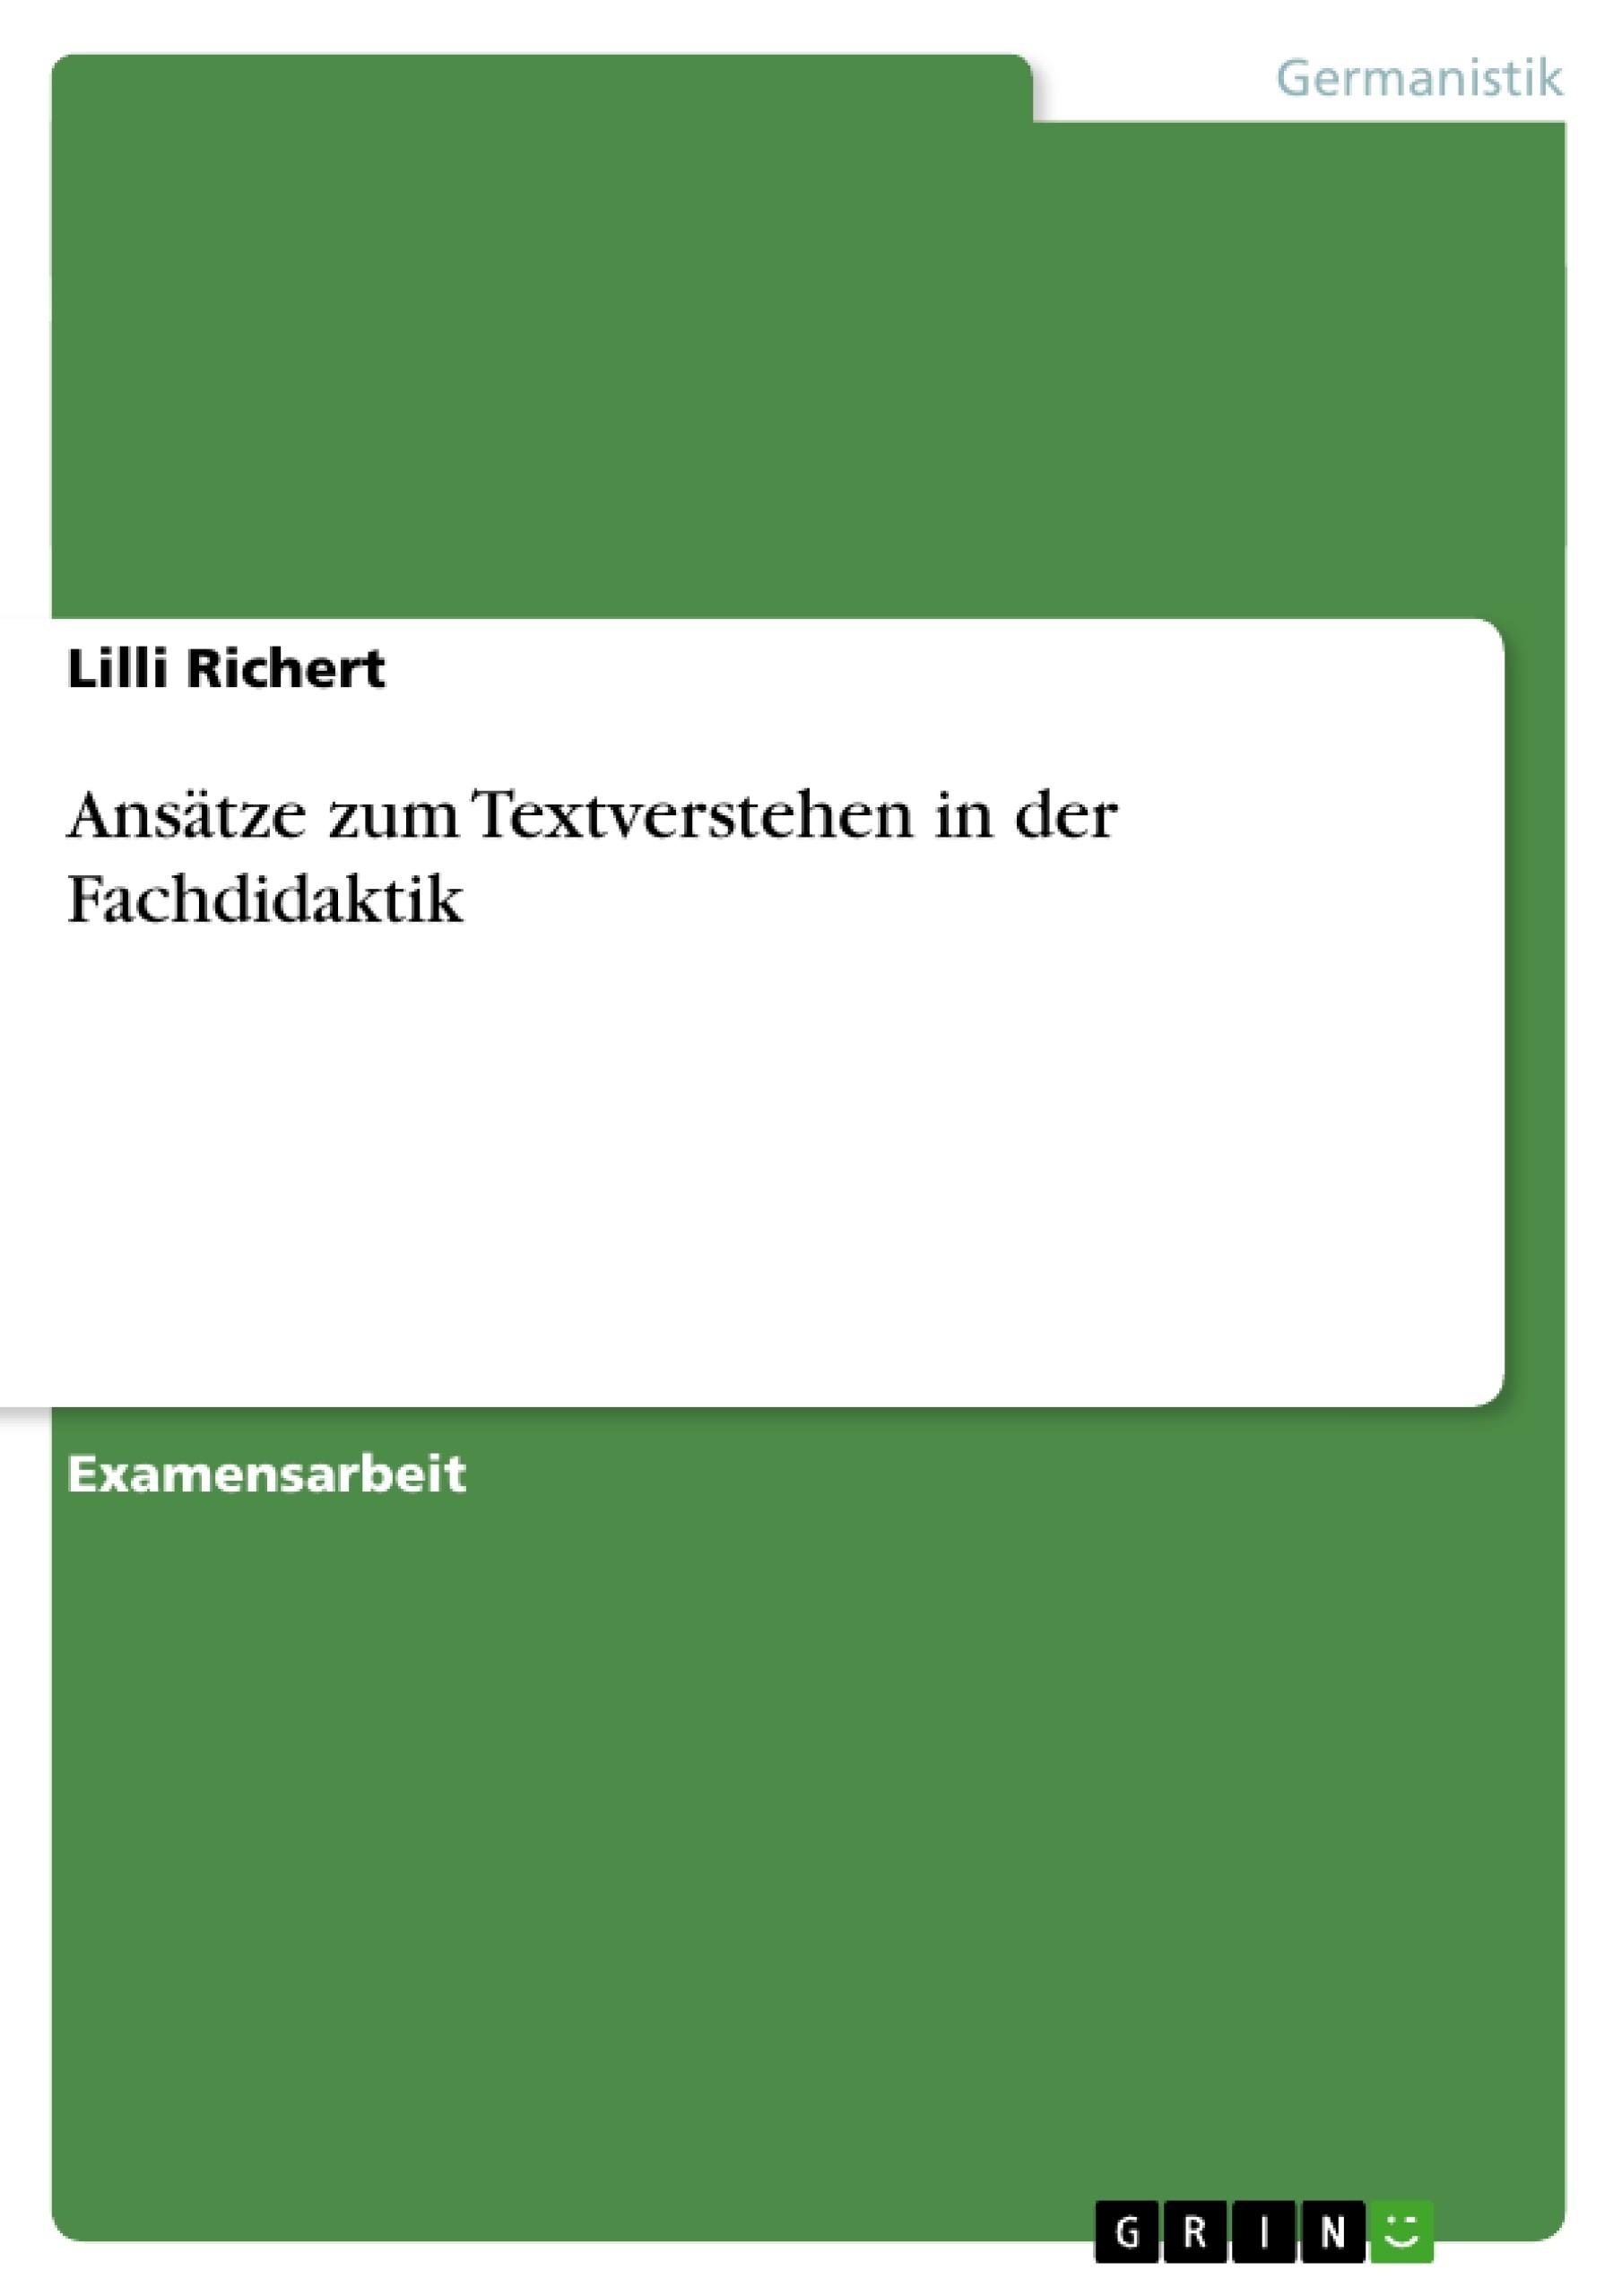 Titel: Ansätze zum Textverstehen in der Fachdidaktik